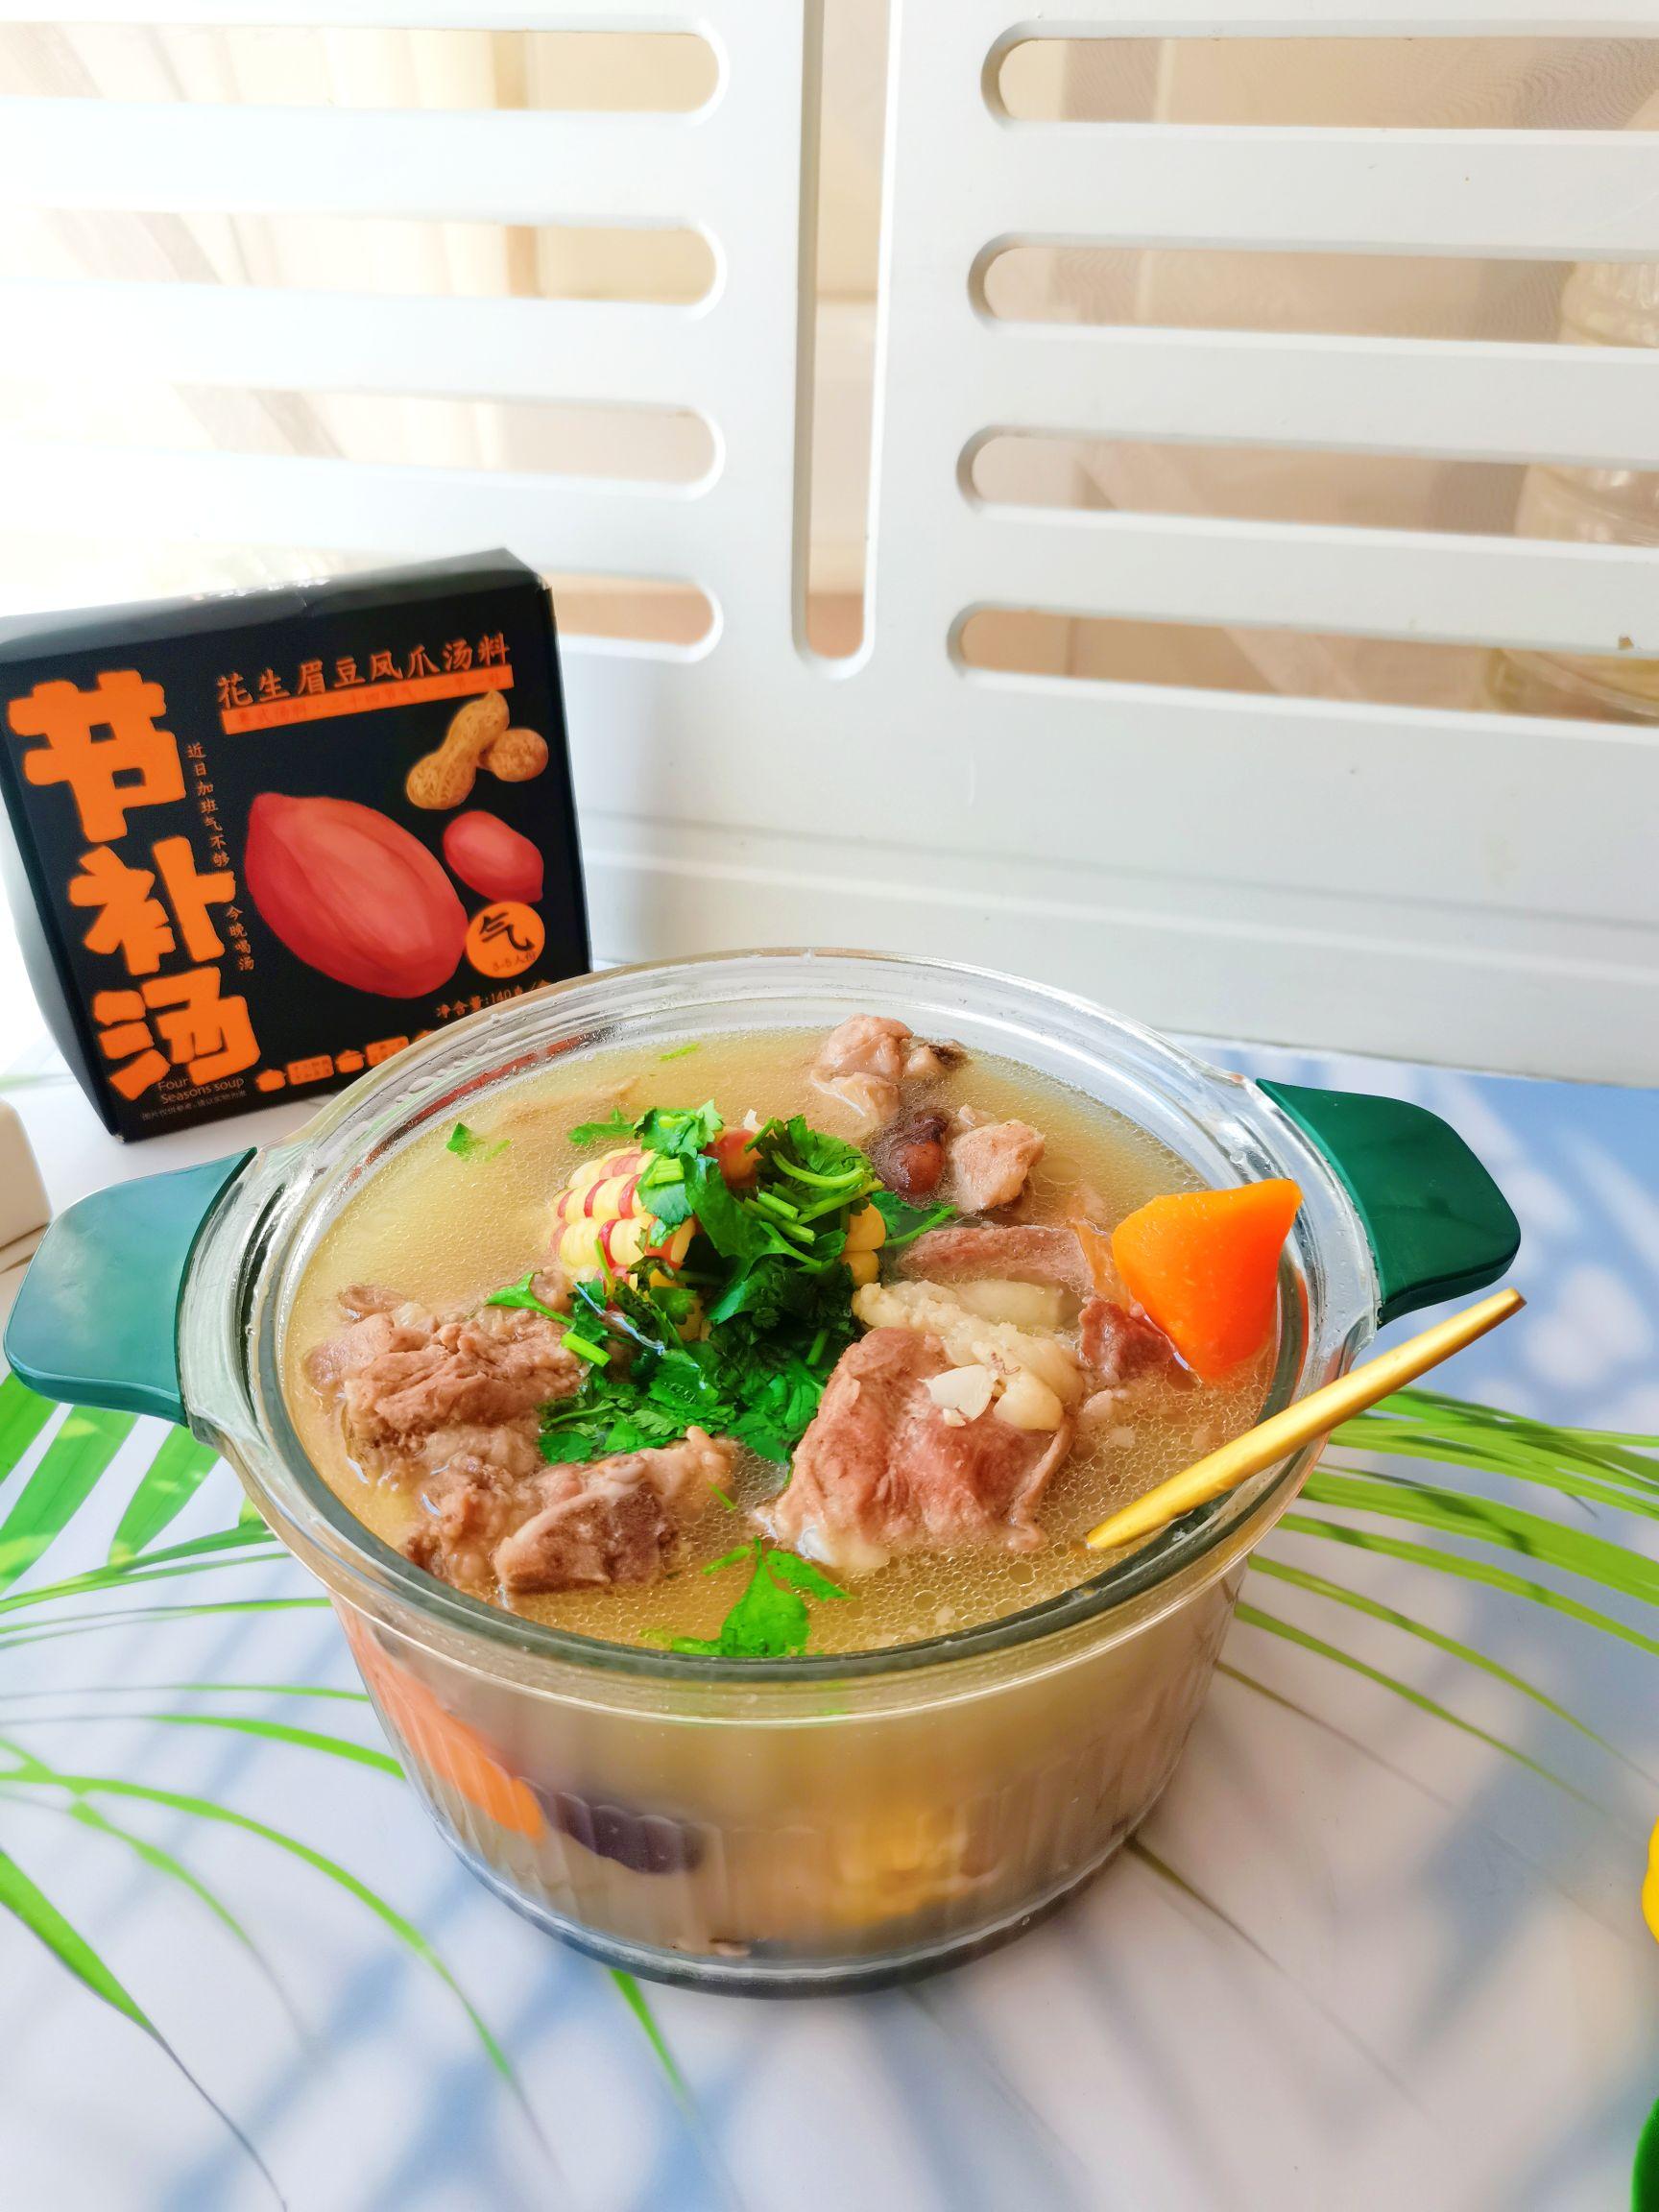 眉豆花生节补汤成品图